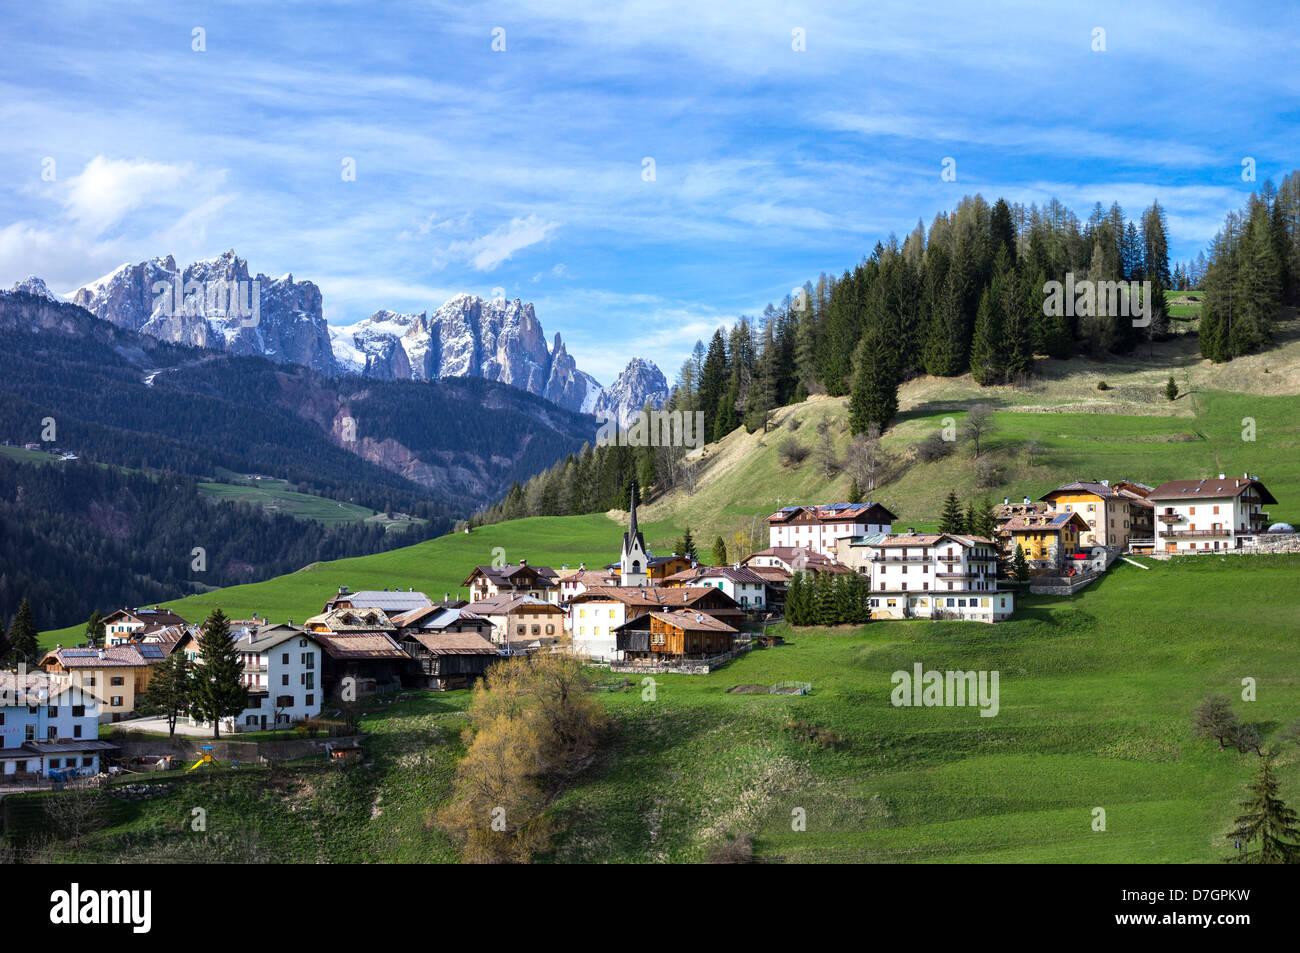 Italy dolomites trentino alto adige the moena village in for Mobilificio trentino alto adige